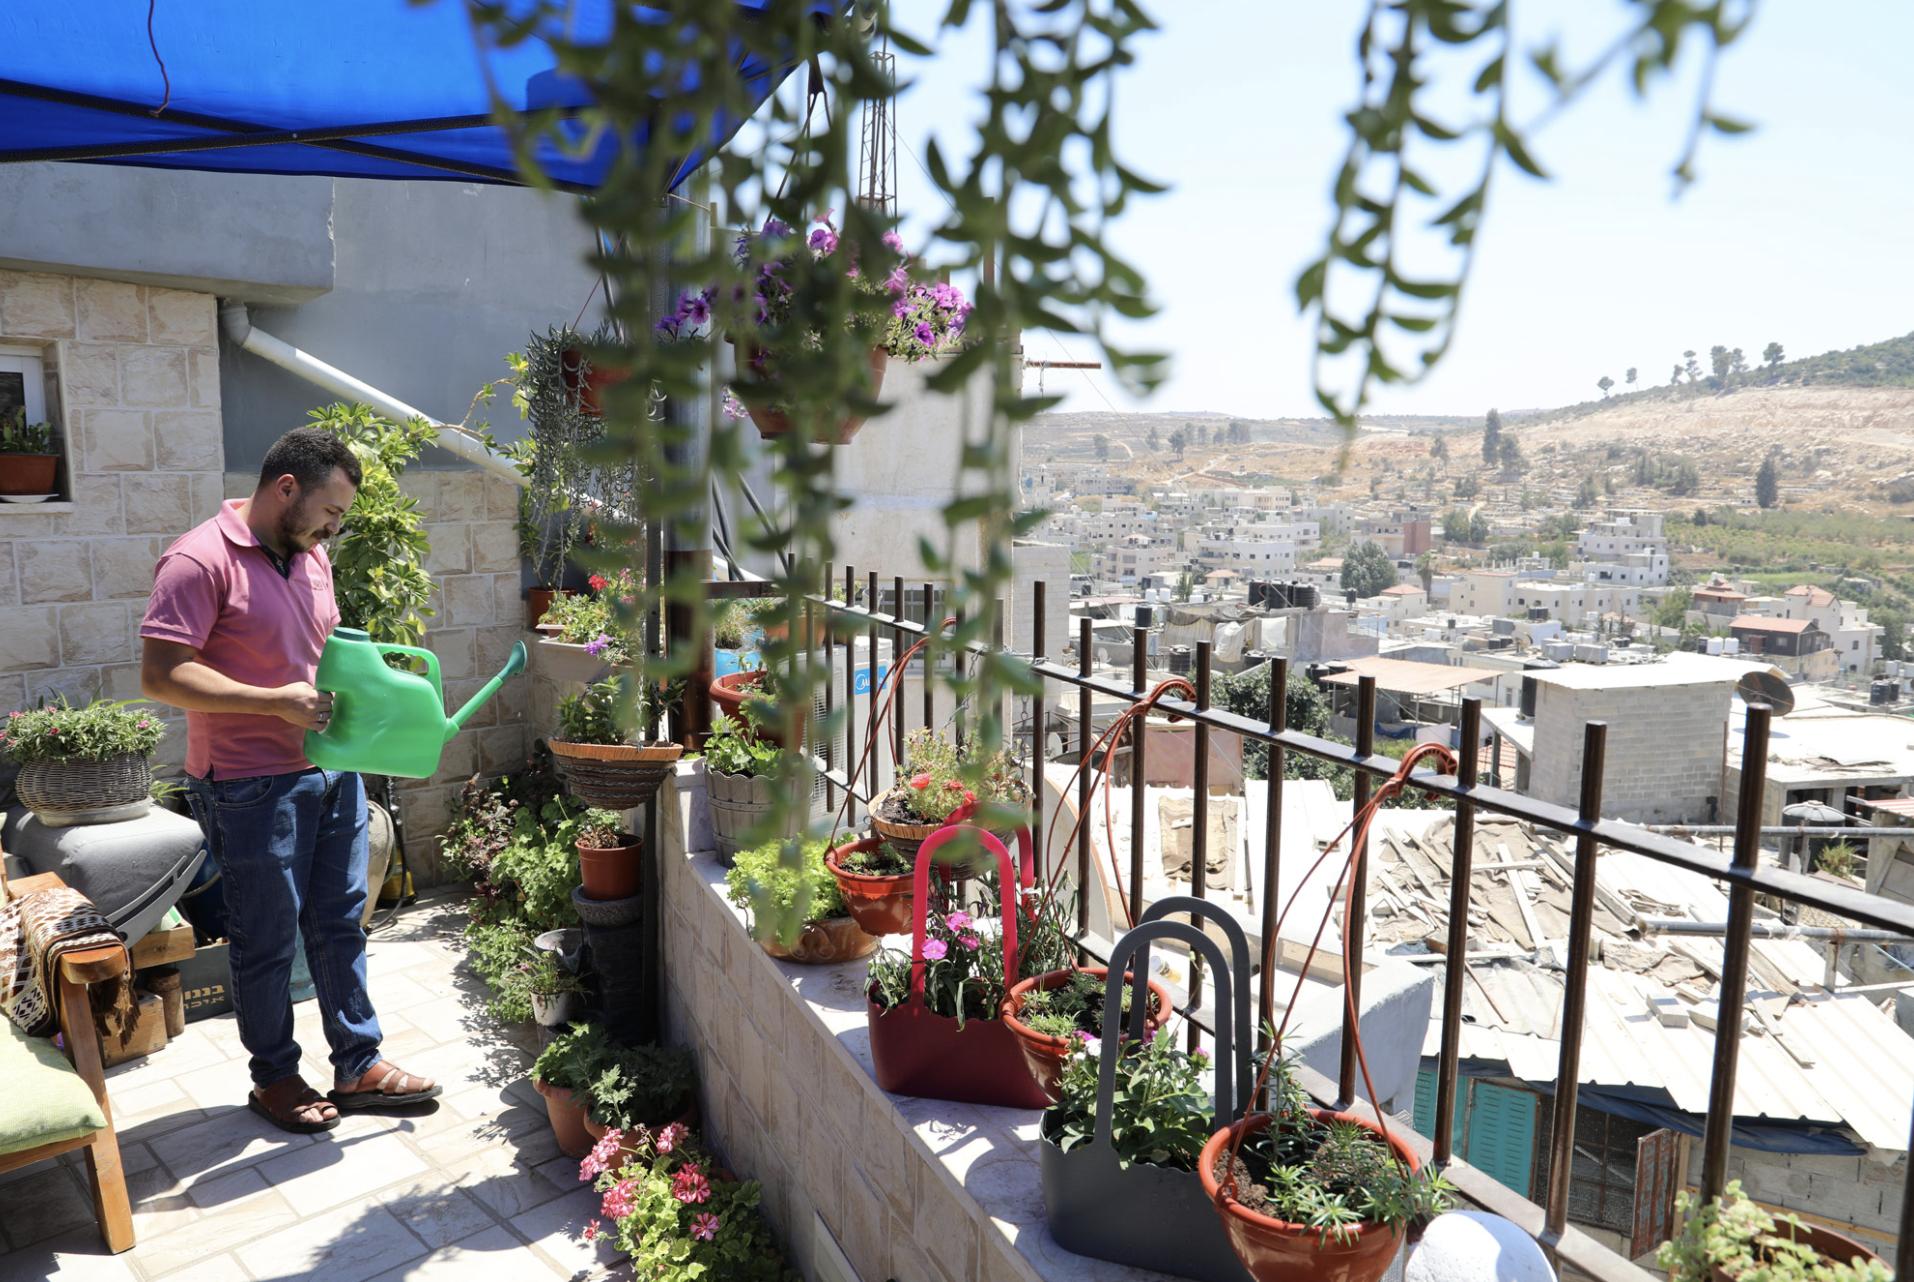 Espacios verdes para calmar la ansiedad provocada por incursiones israelíes